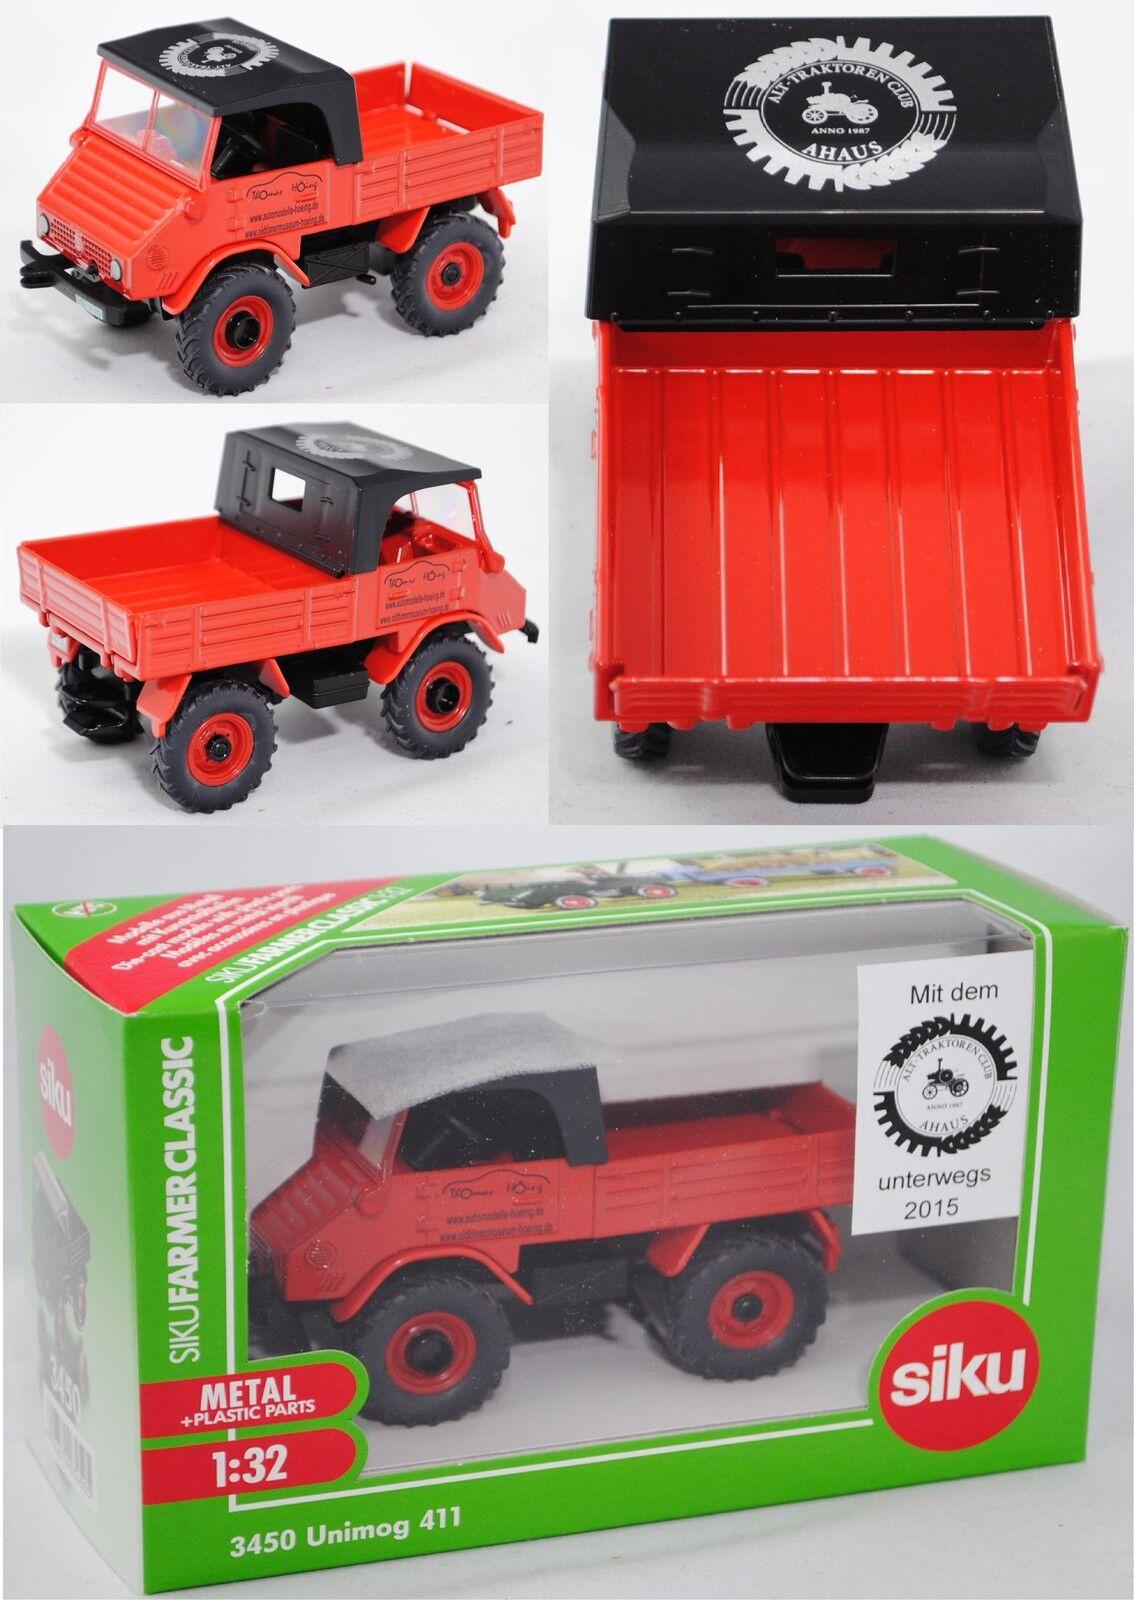 Venta en línea precio bajo descuento Siku Siku Siku Farmer 3450 Mercedes-Benz Unimog 411 Alt-tractores-club ahaus colección  muchas concesiones